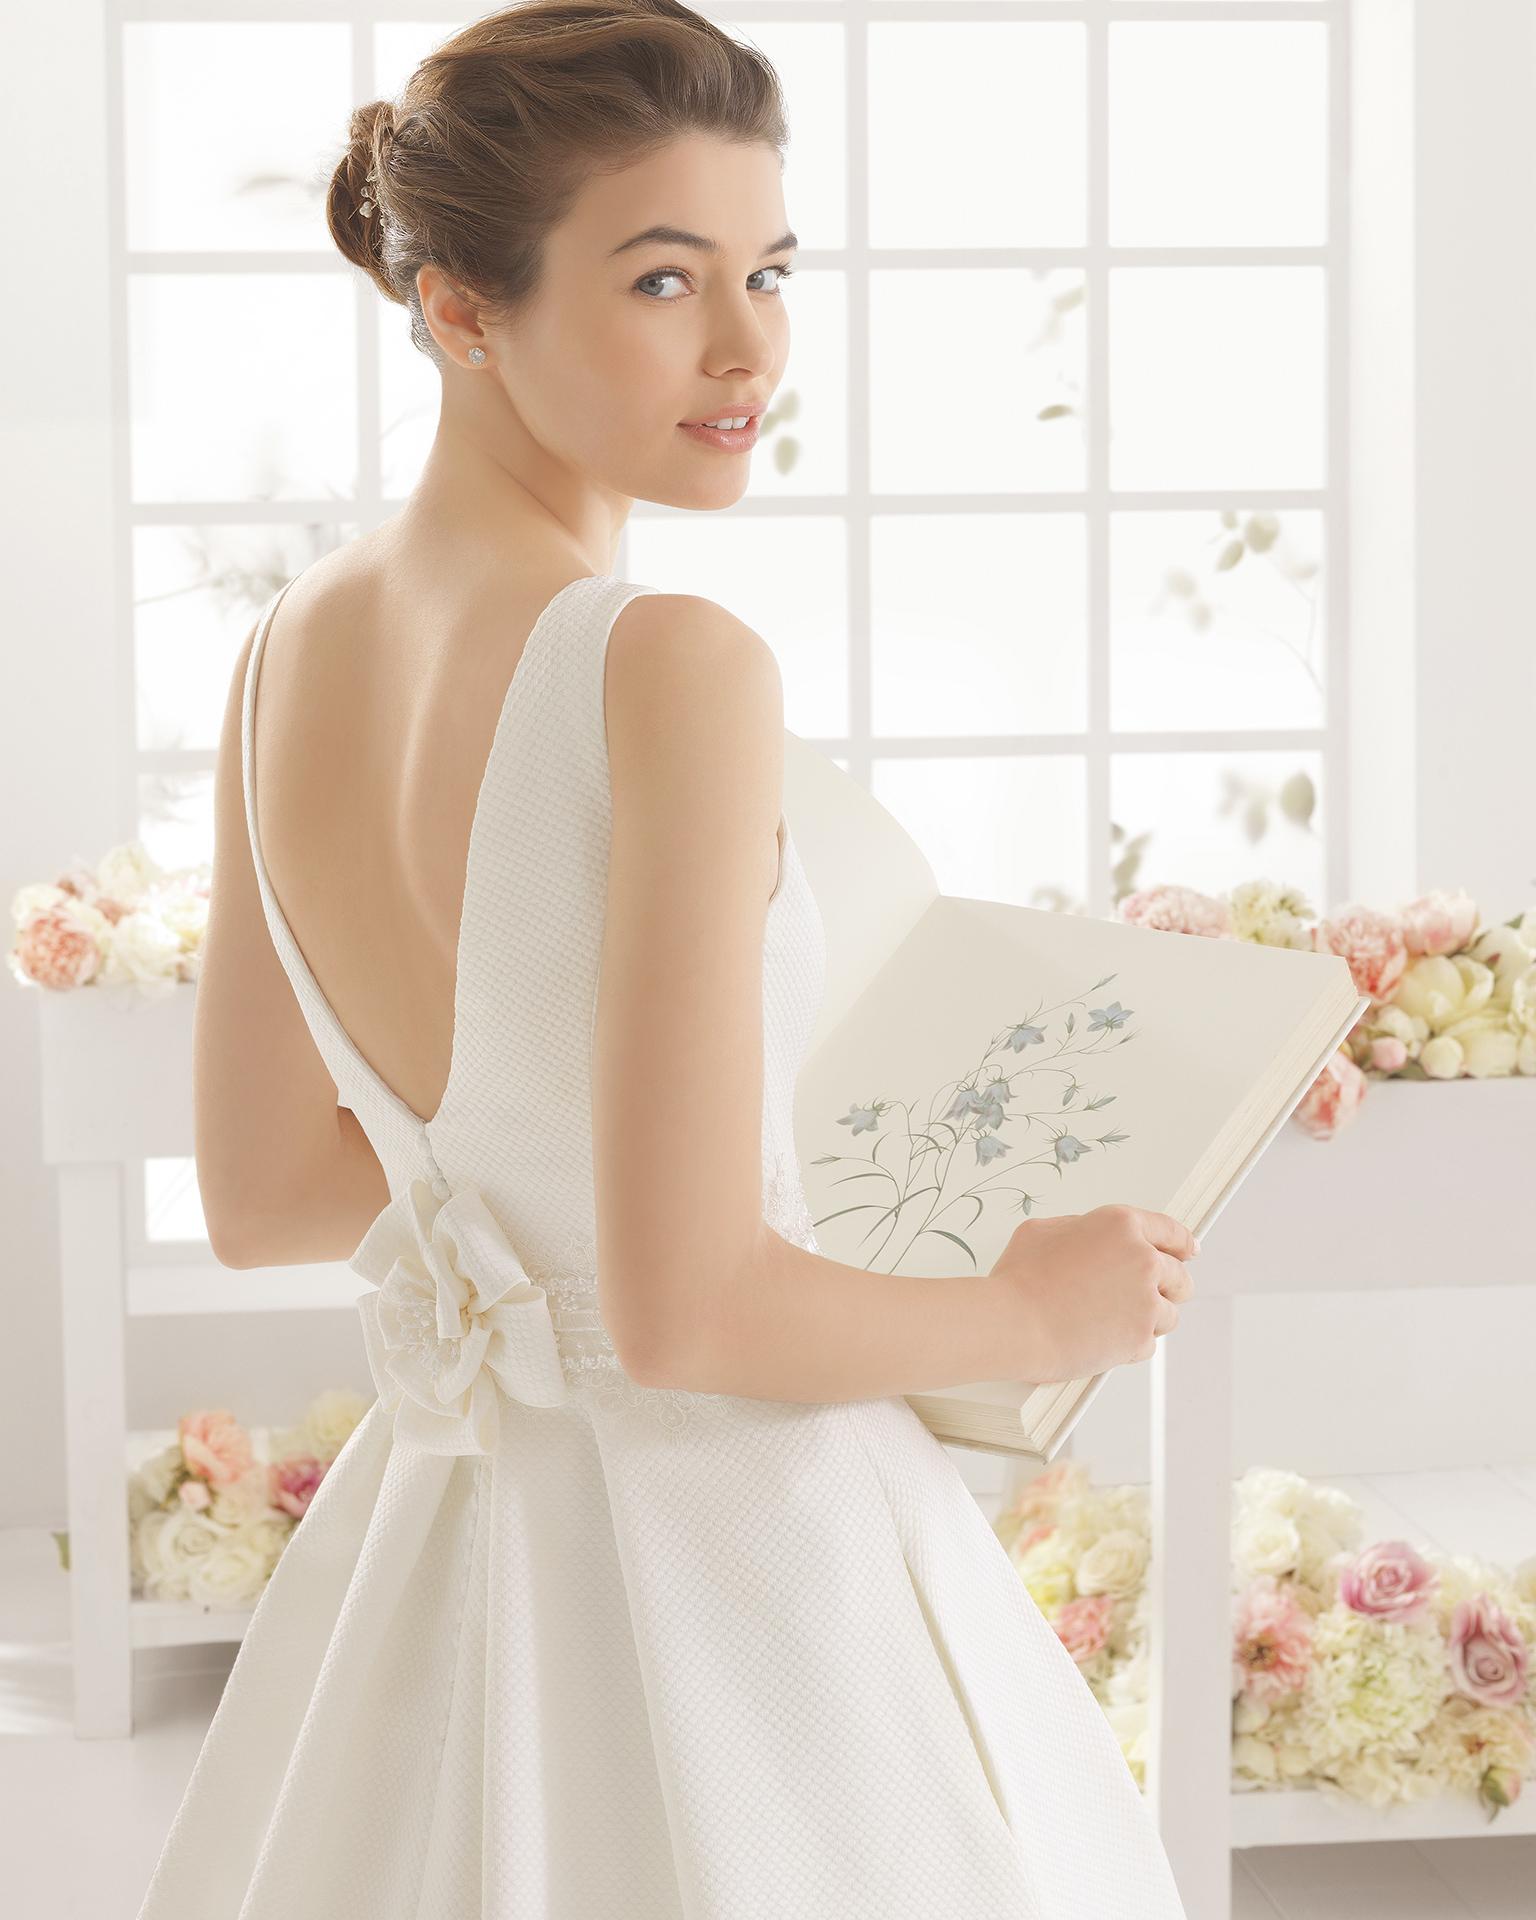 Robe de mariée MIA en piqué et dentelle avec pierreries.